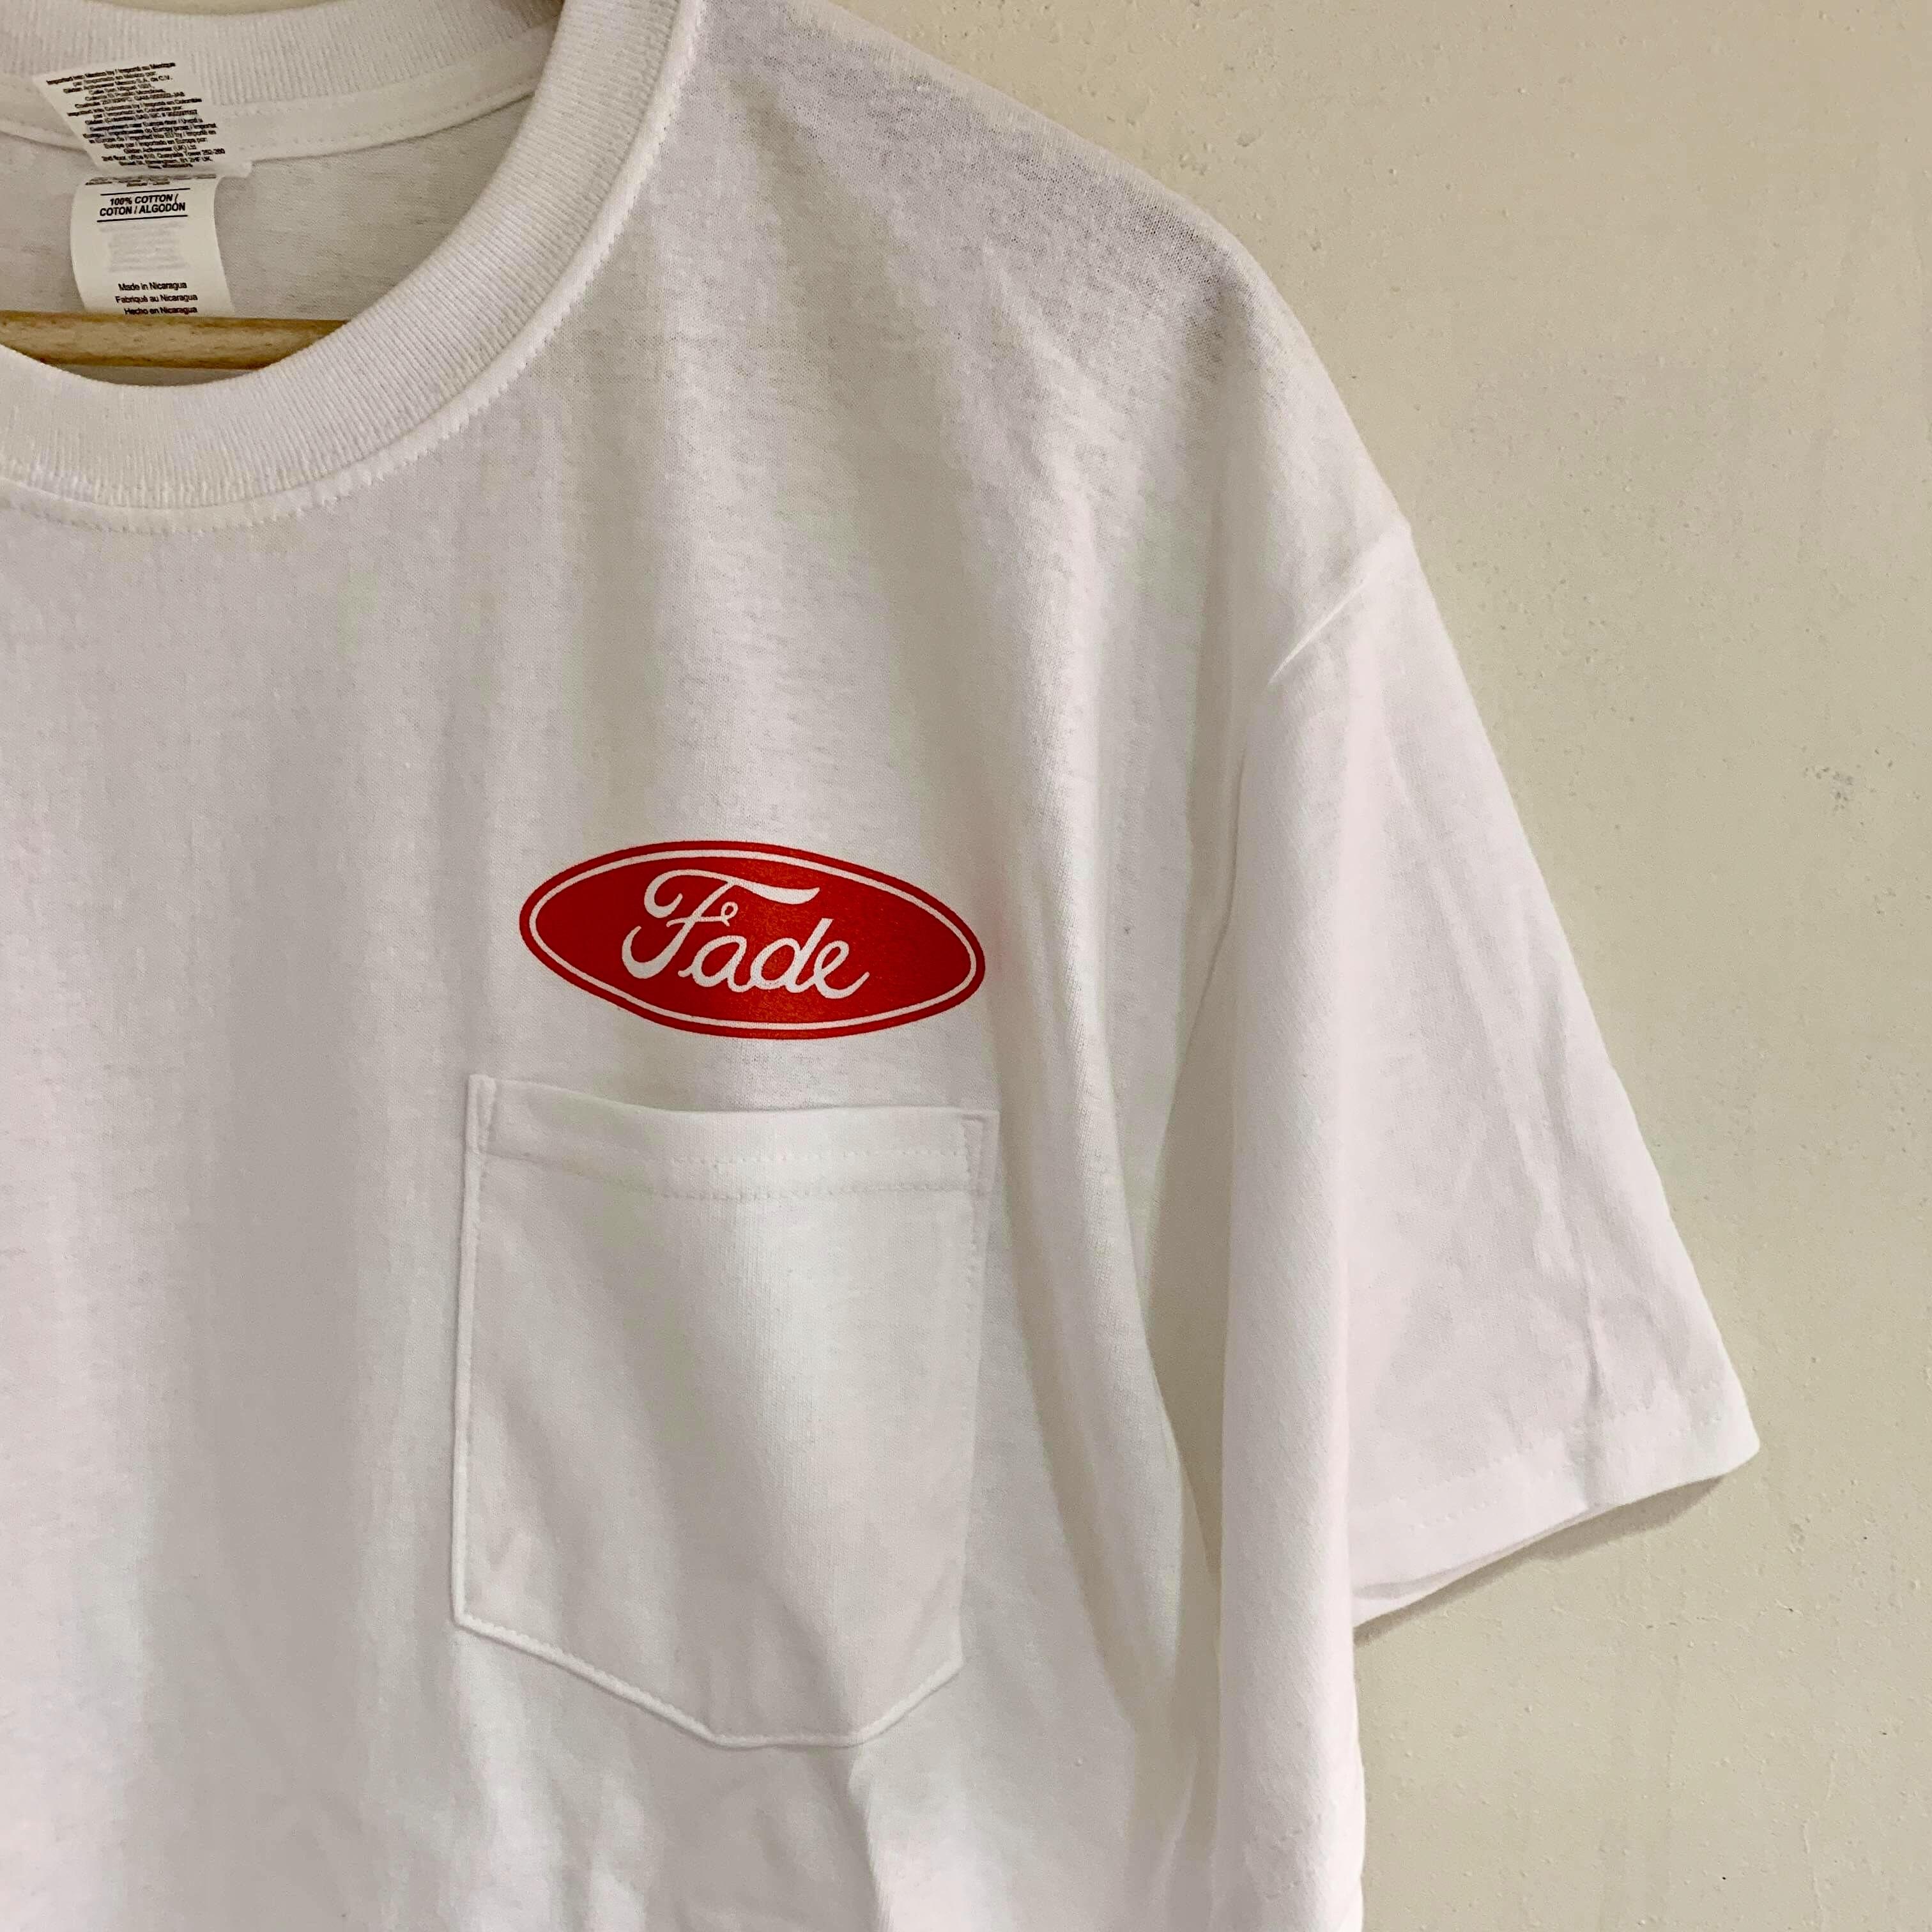 Fade ポケットTシャツ缶バッジ付 ホワイトx赤ロゴ